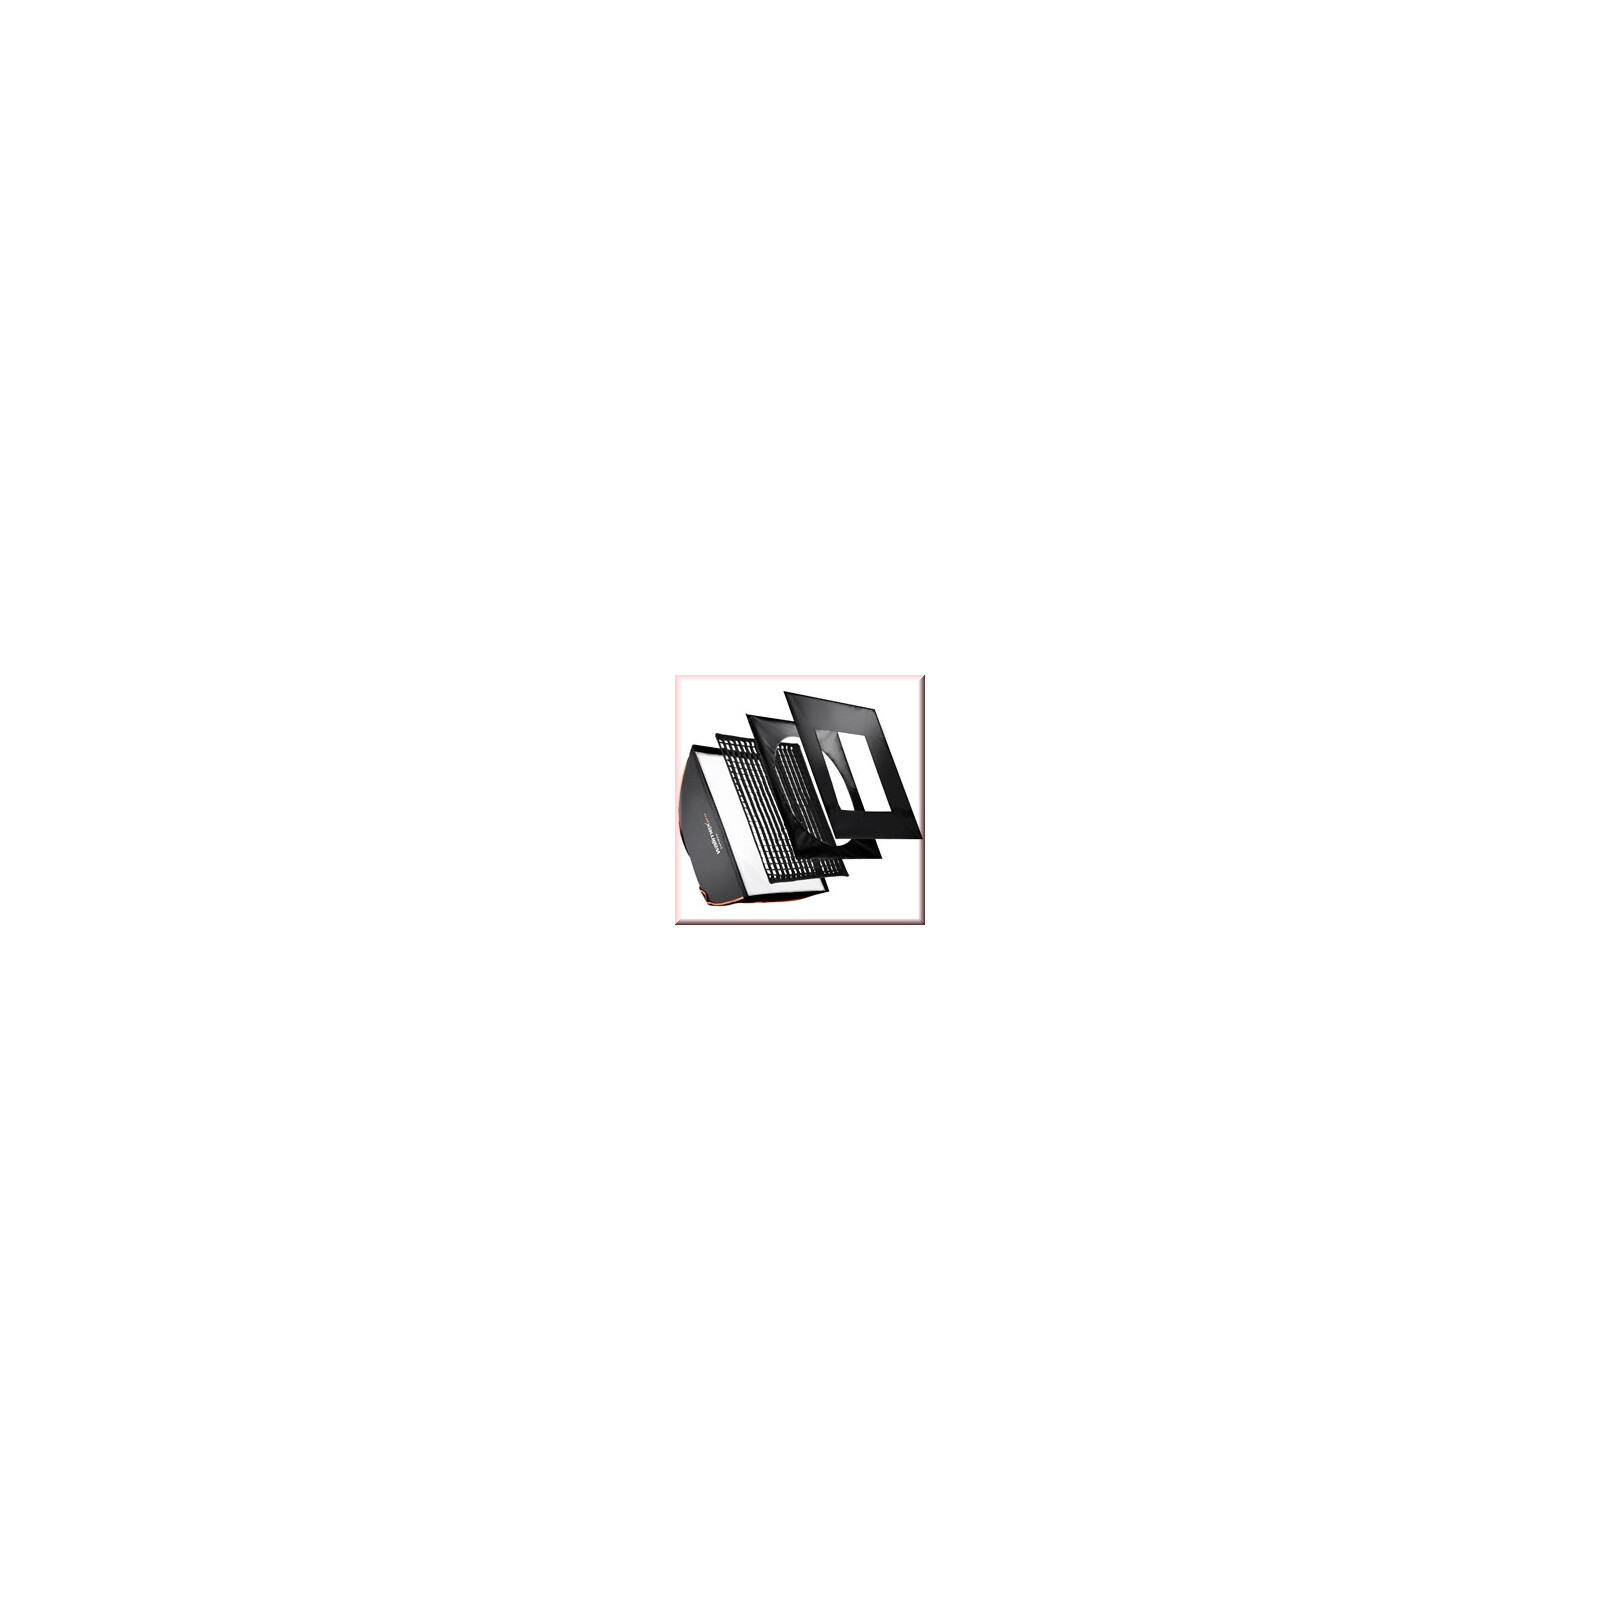 walimex pro Softbox PLUS OL 40x40cm Aurora/Bowens